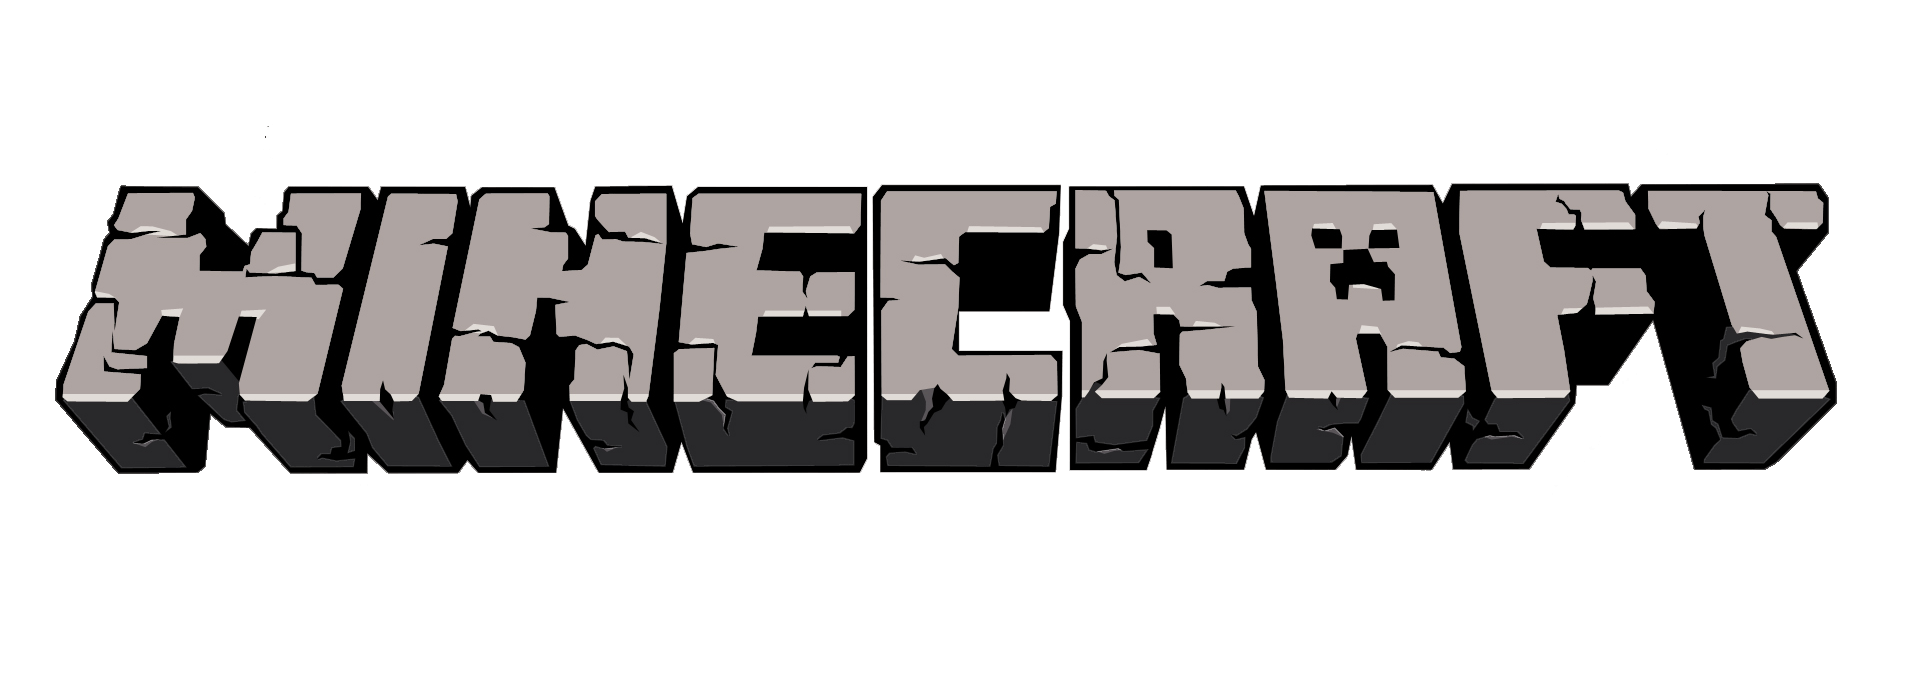 Image logo transparent background. Minecraft png images